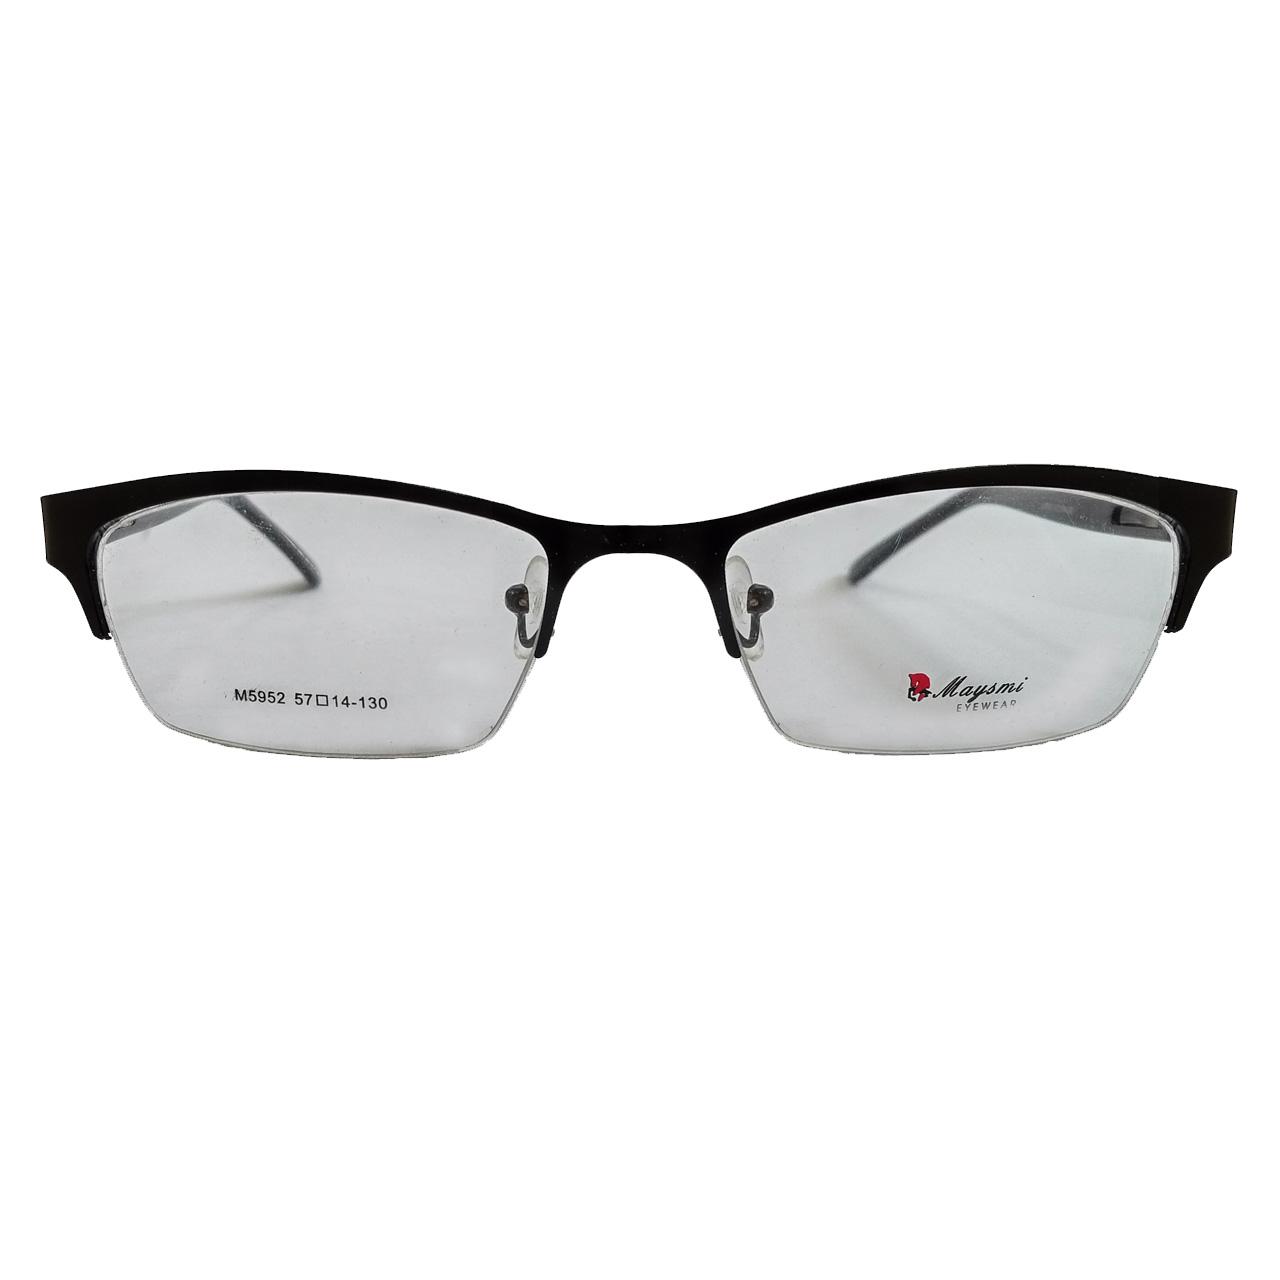 قیمت فریم عینک طبی میسمی مدل  EYEWEAR